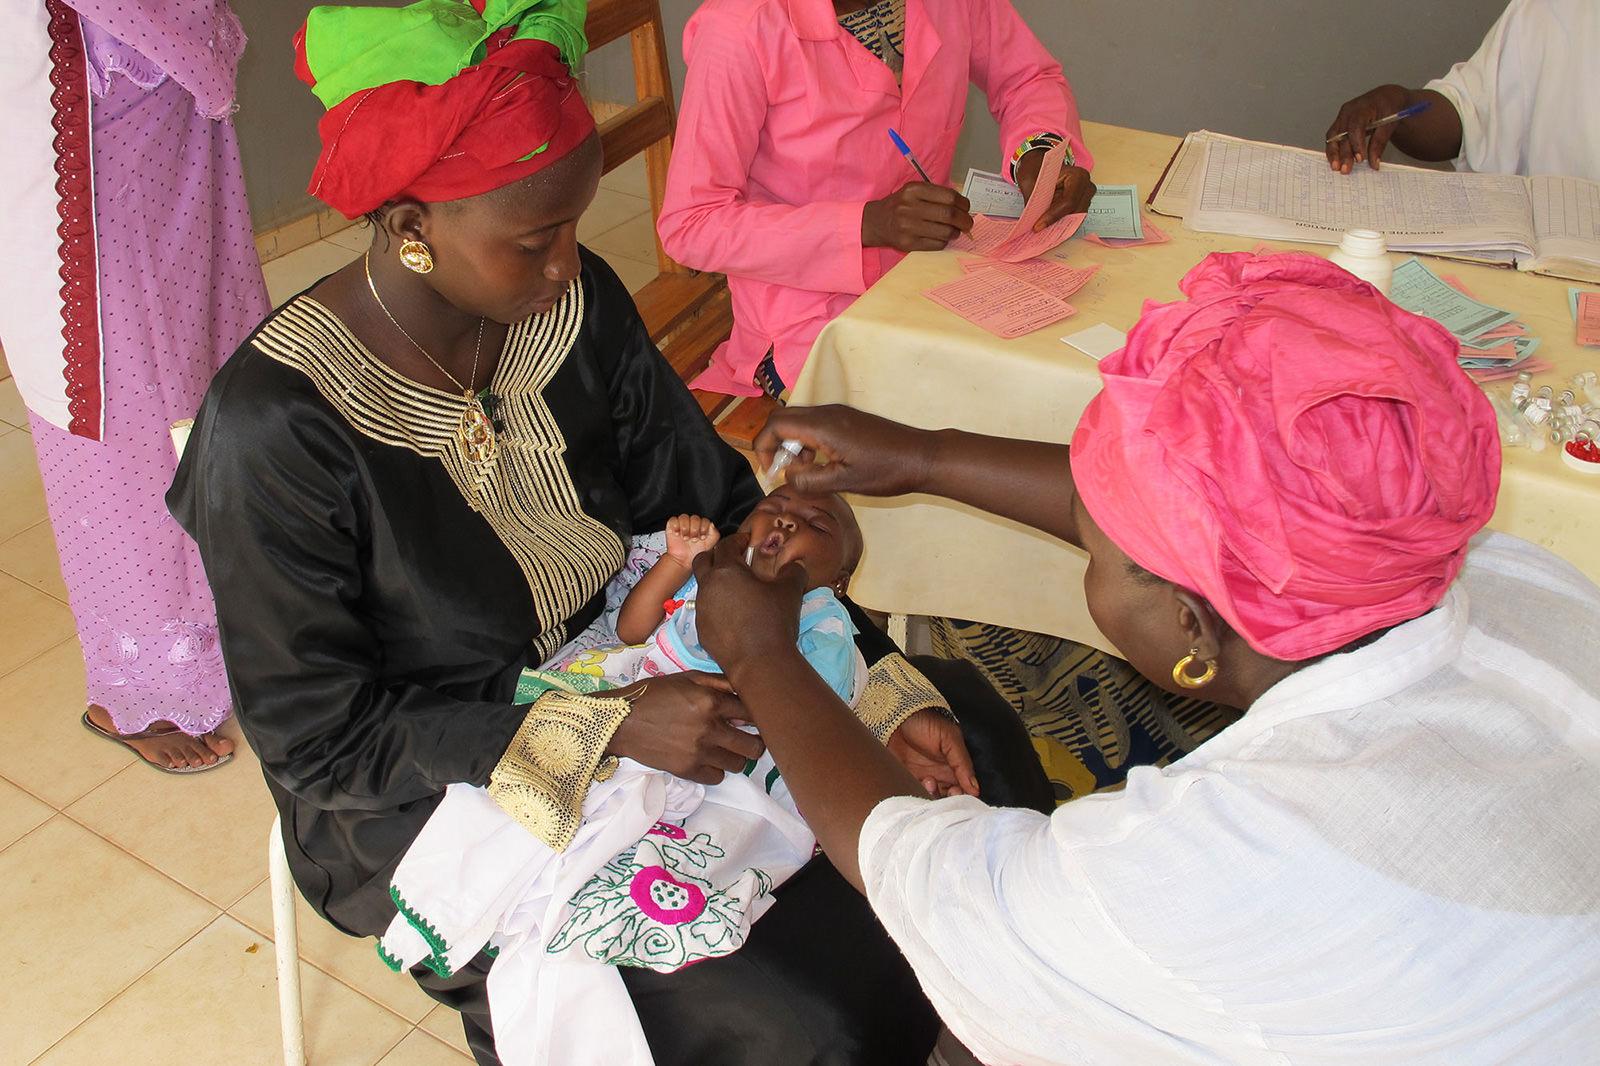 Eine malische Mutter sitzt mit ihrem Kind bei einer Ärztin. Dort erhält das Kind eine Schluckimpfung.